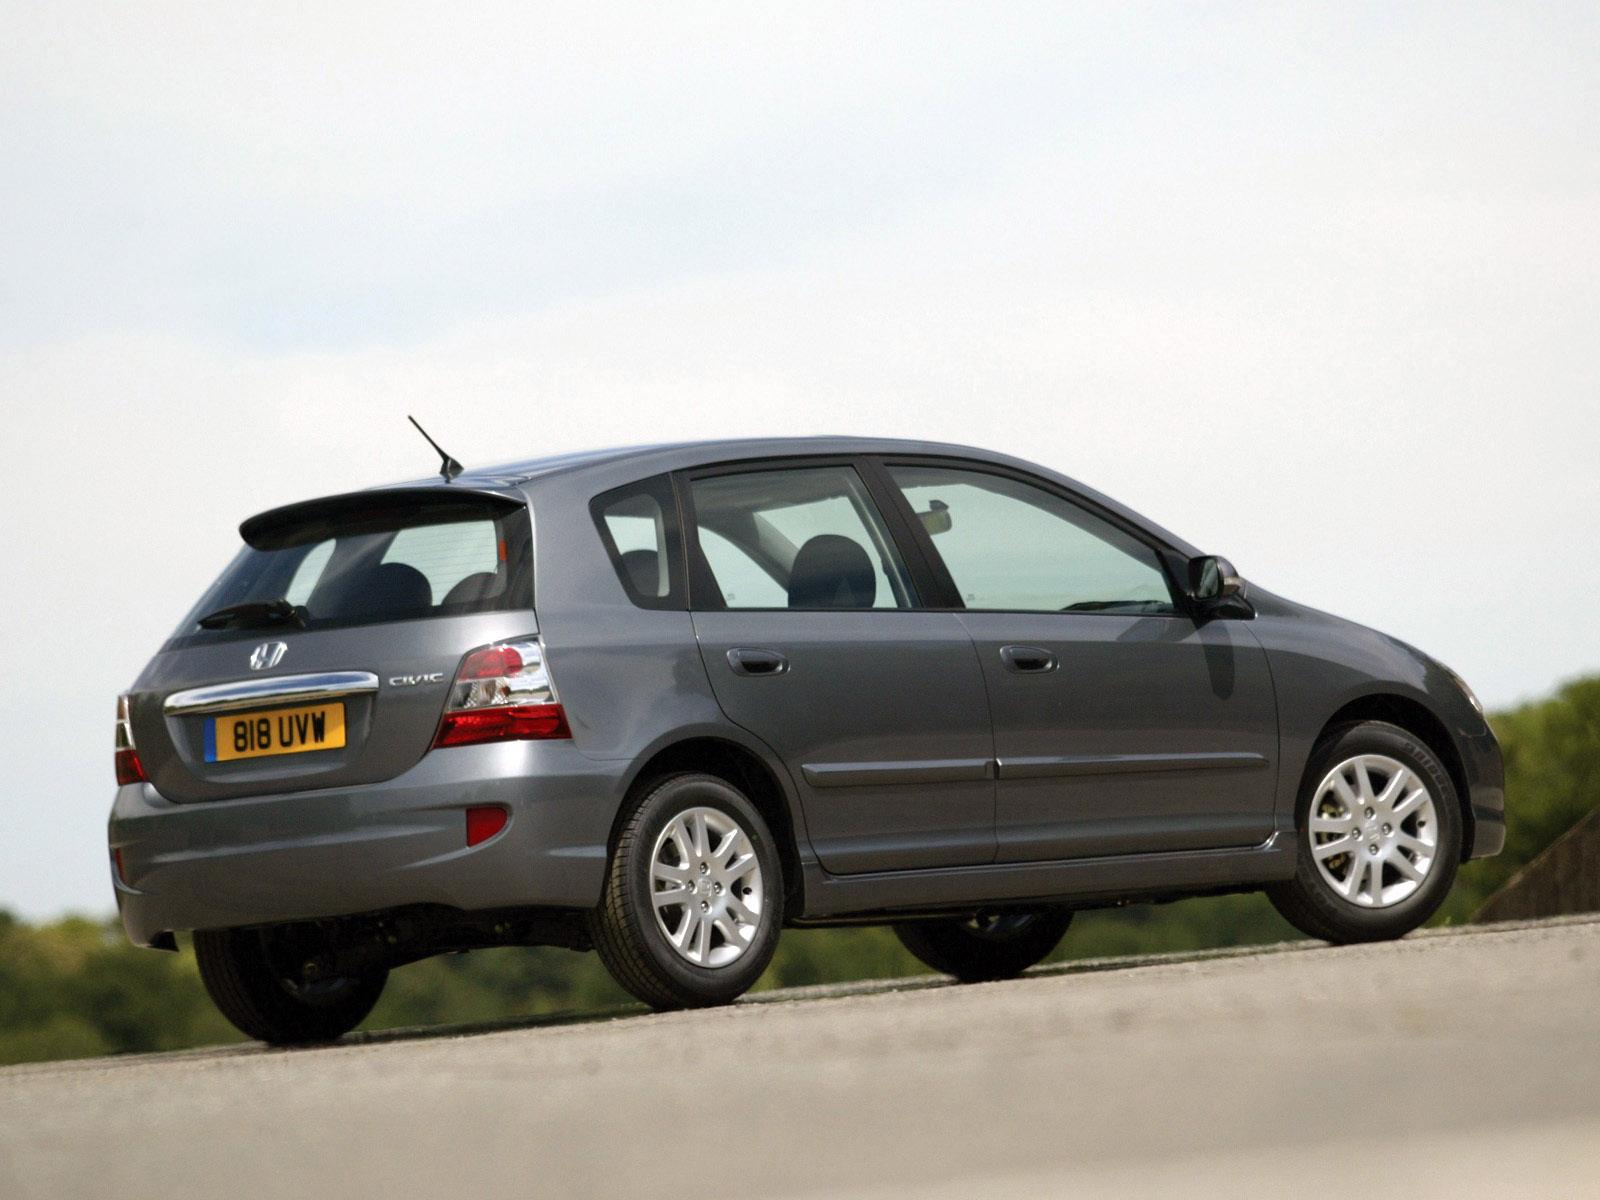 Honda civic 5 door 2003 2005 honda civic 5 door 2003 2005 for 01 honda civic 4 door